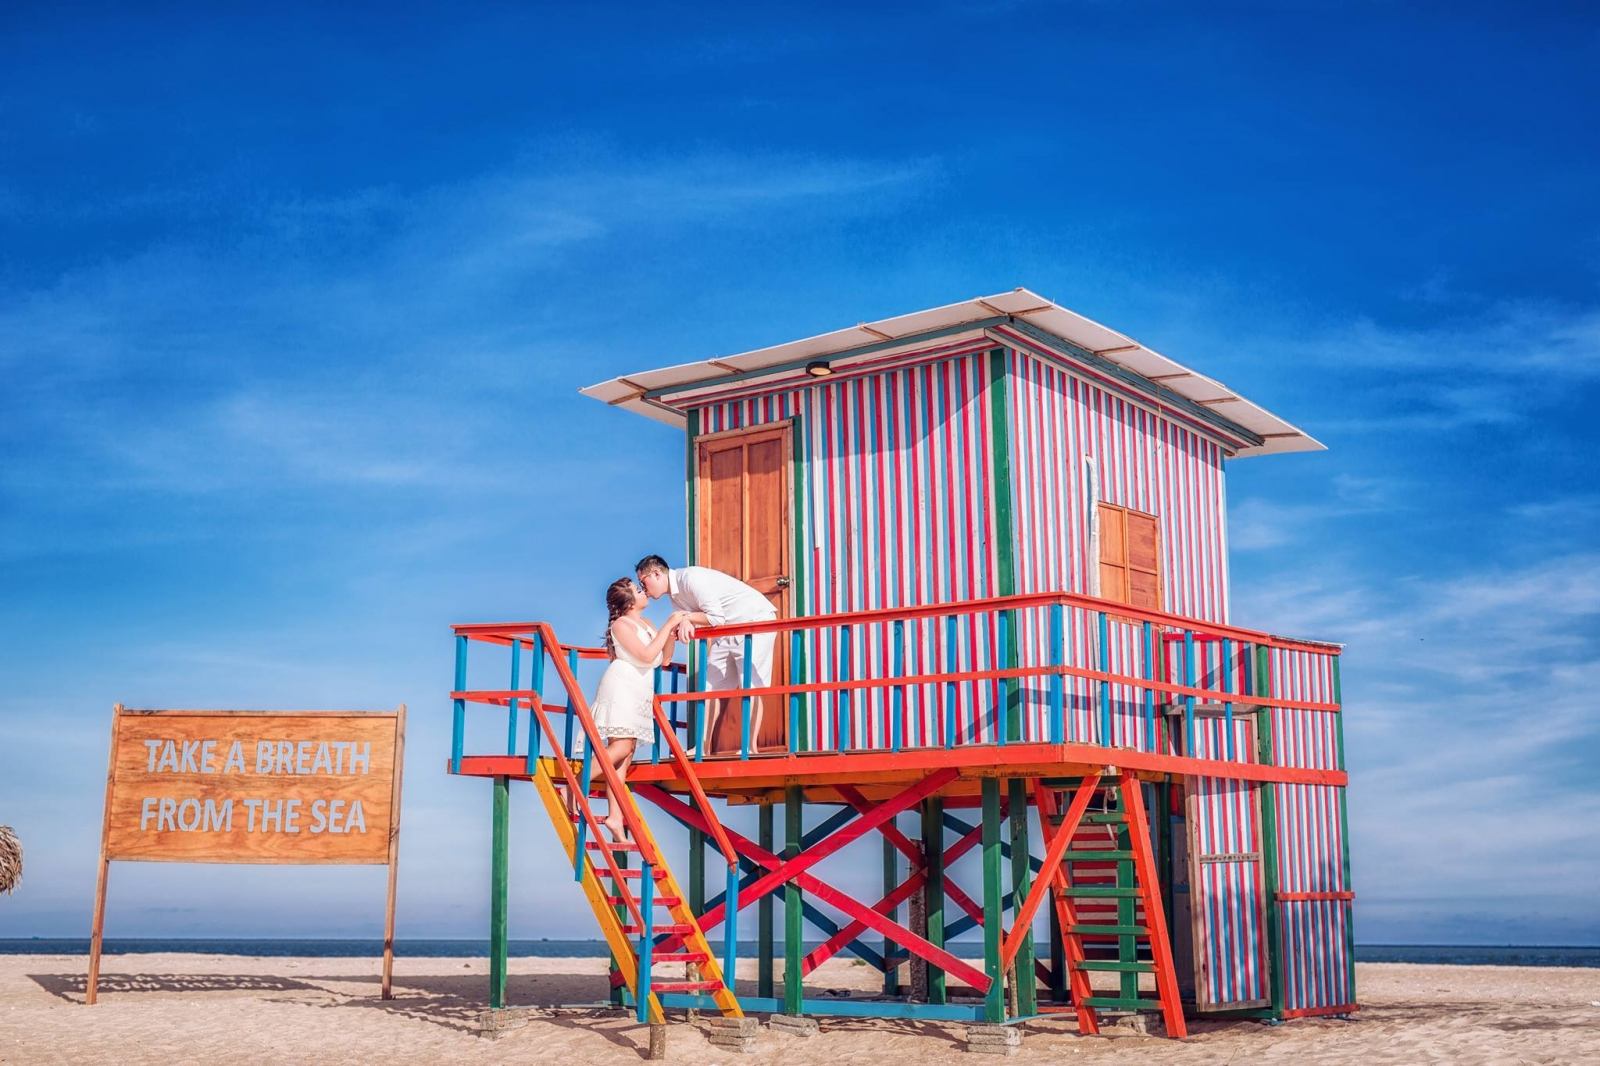 studio chụp ảnh cưới Hồ Cốc đẹp và rẻ